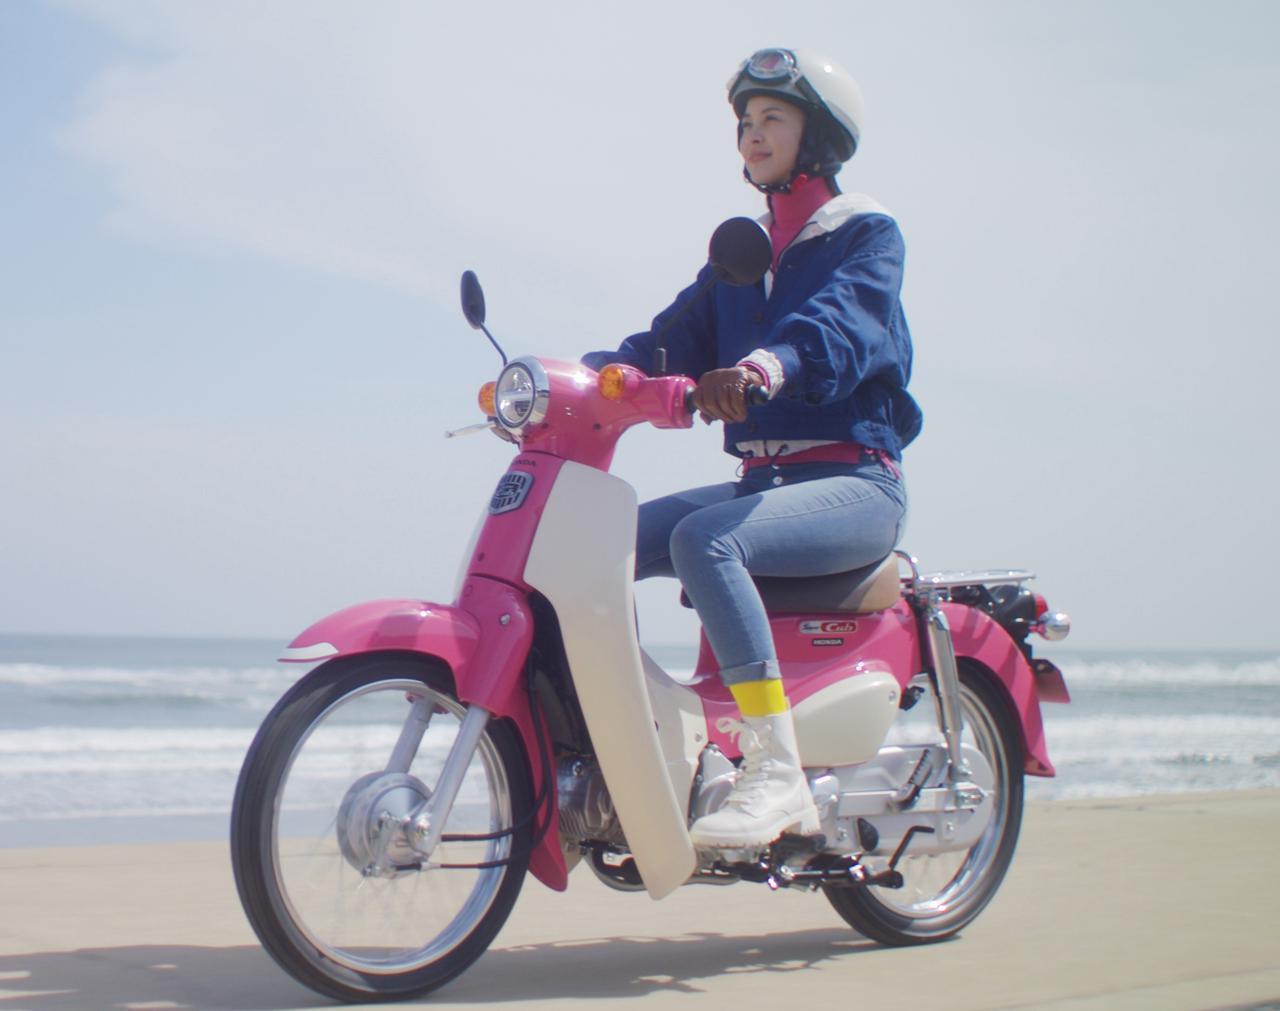 画像1: ピンクの「スーパーカブ110」でかけがえのない旅の思い出を。ホンダのレンタルバイク「HondaGO BIKE RENTAL」とは? - webオートバイ